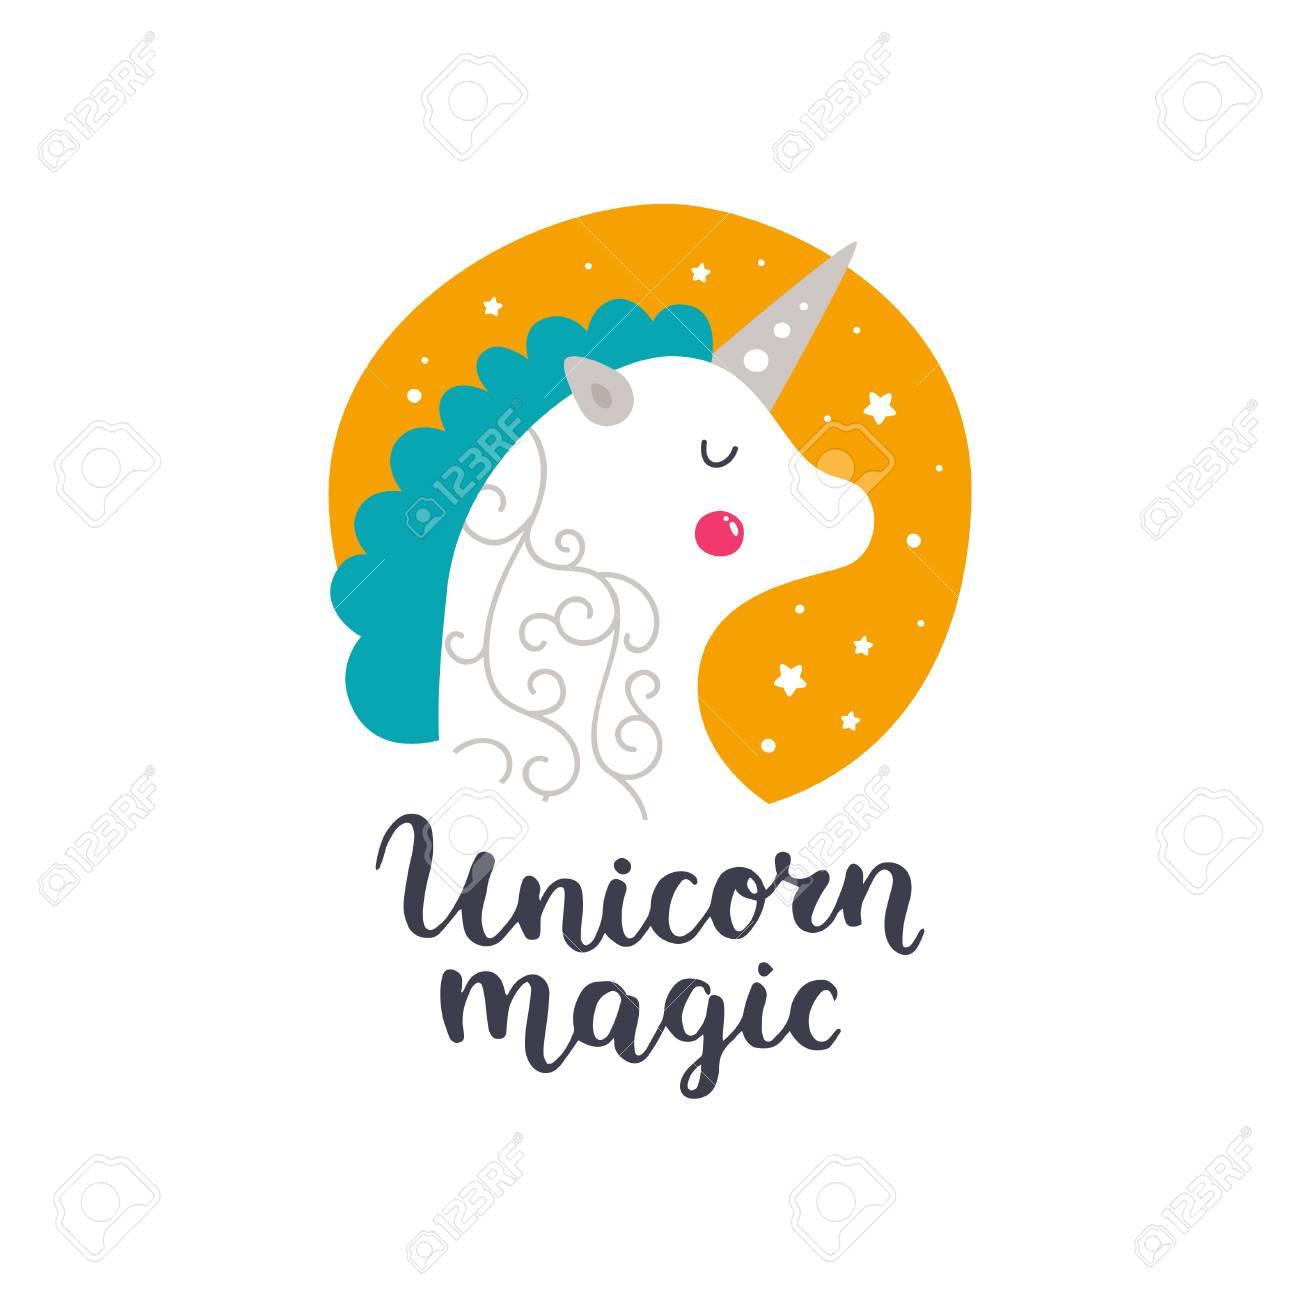 Vector Bebé Unicornio Ilustración De Niños Para Impresiones De Diseño Tarjetas E Invitaciones De Cumpleaños Tarjeta De Niña Con Lindo Unicornio